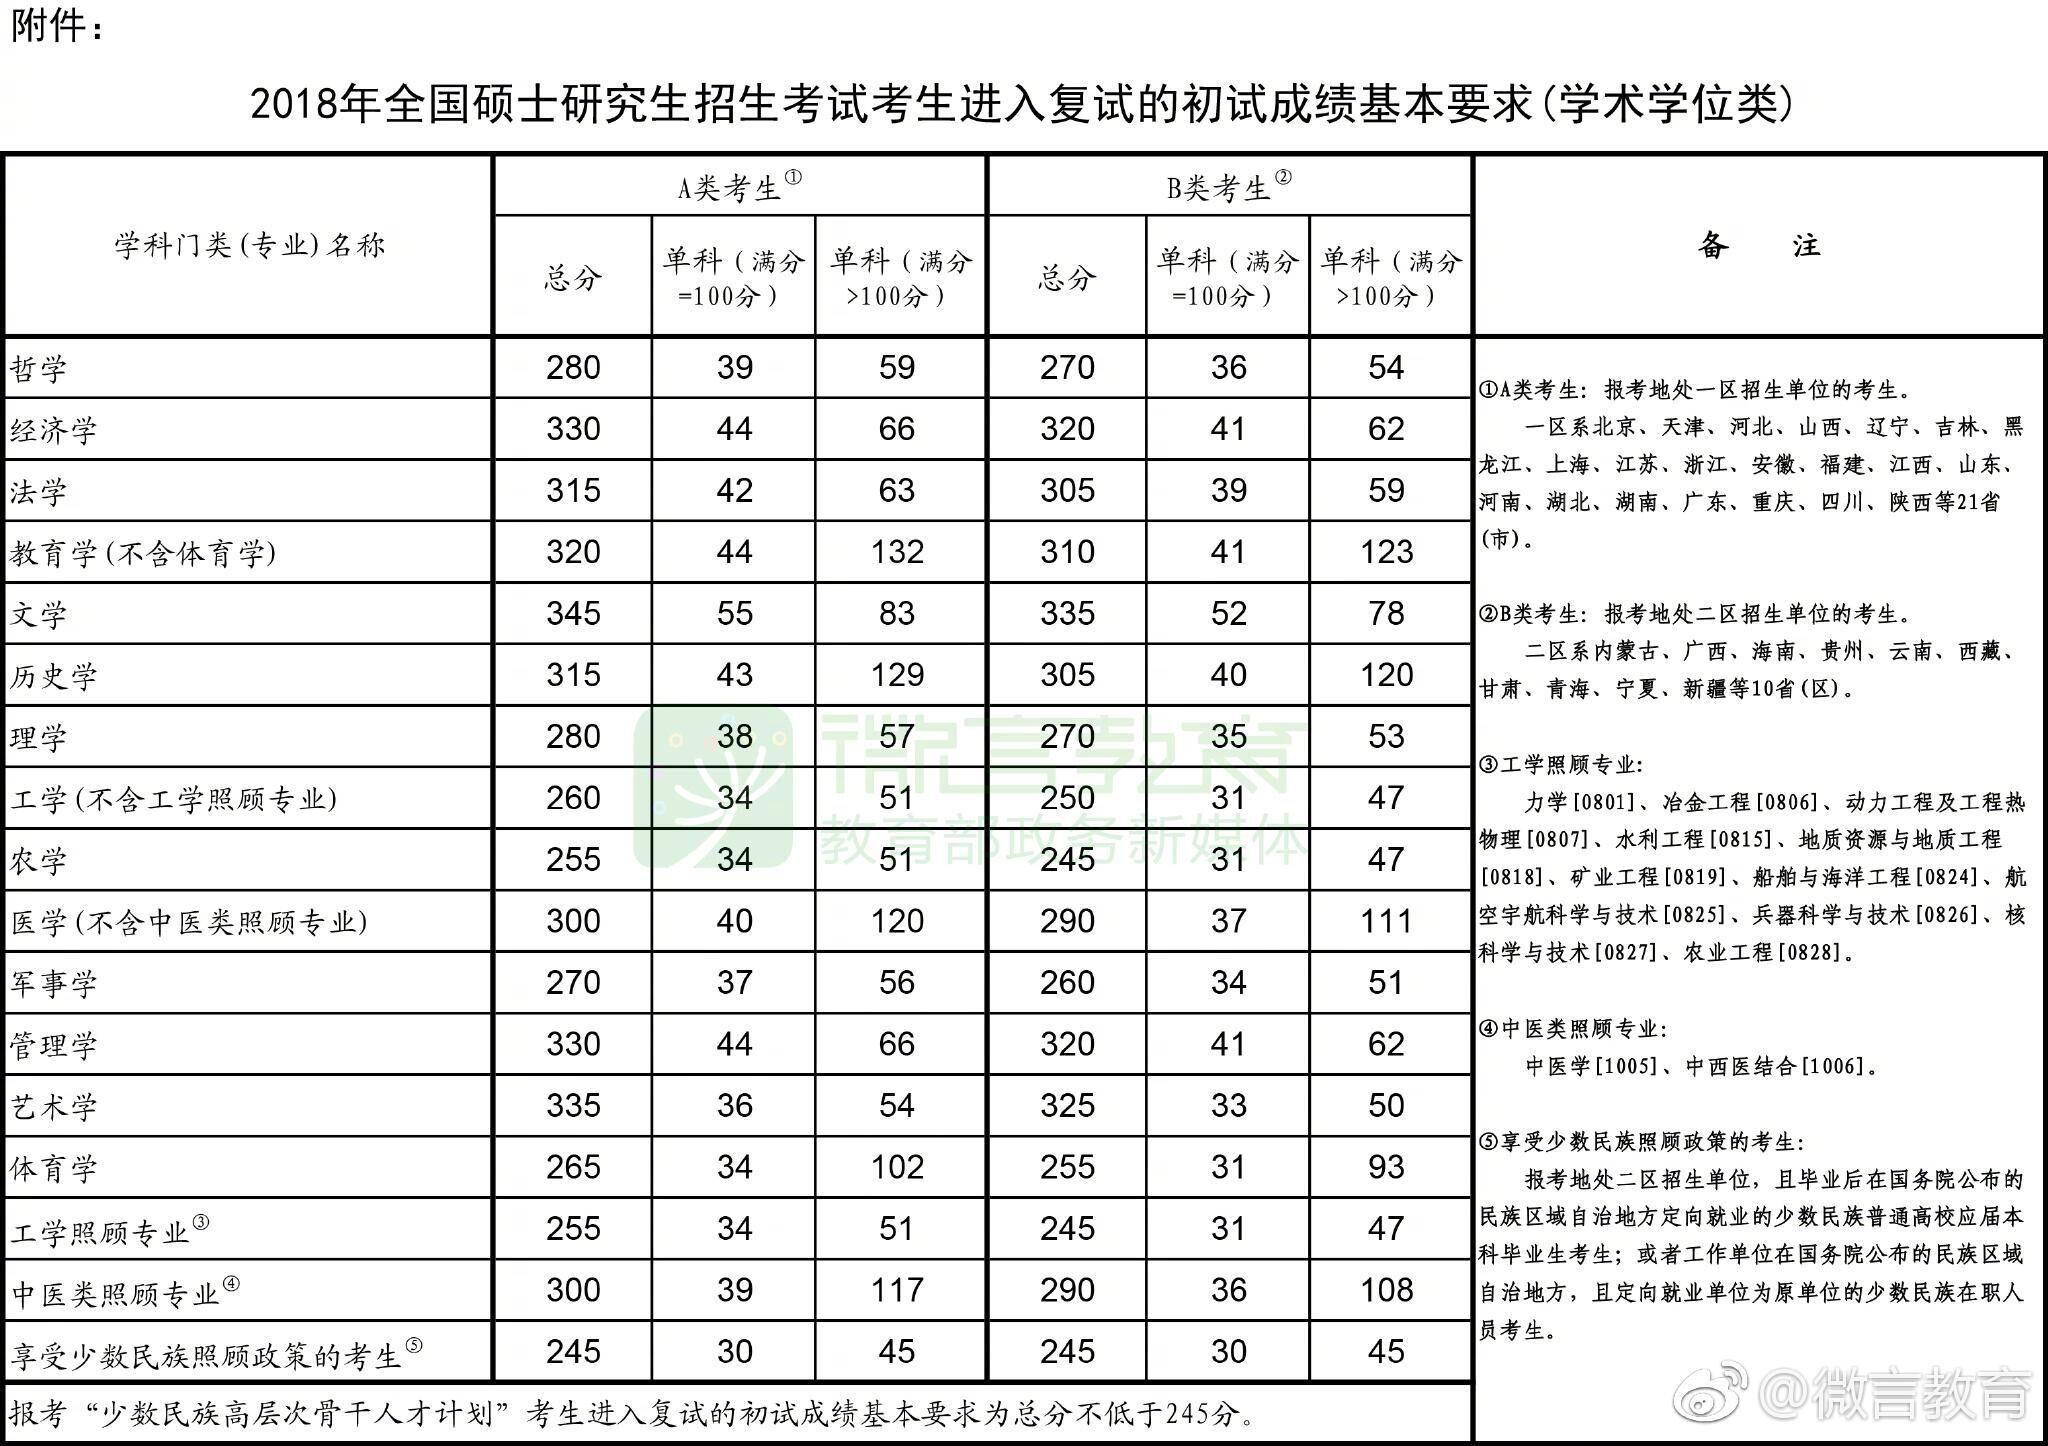 2018年考研国家线公布,考生参加复试需要注意些什么?(附2018年国家线名单)